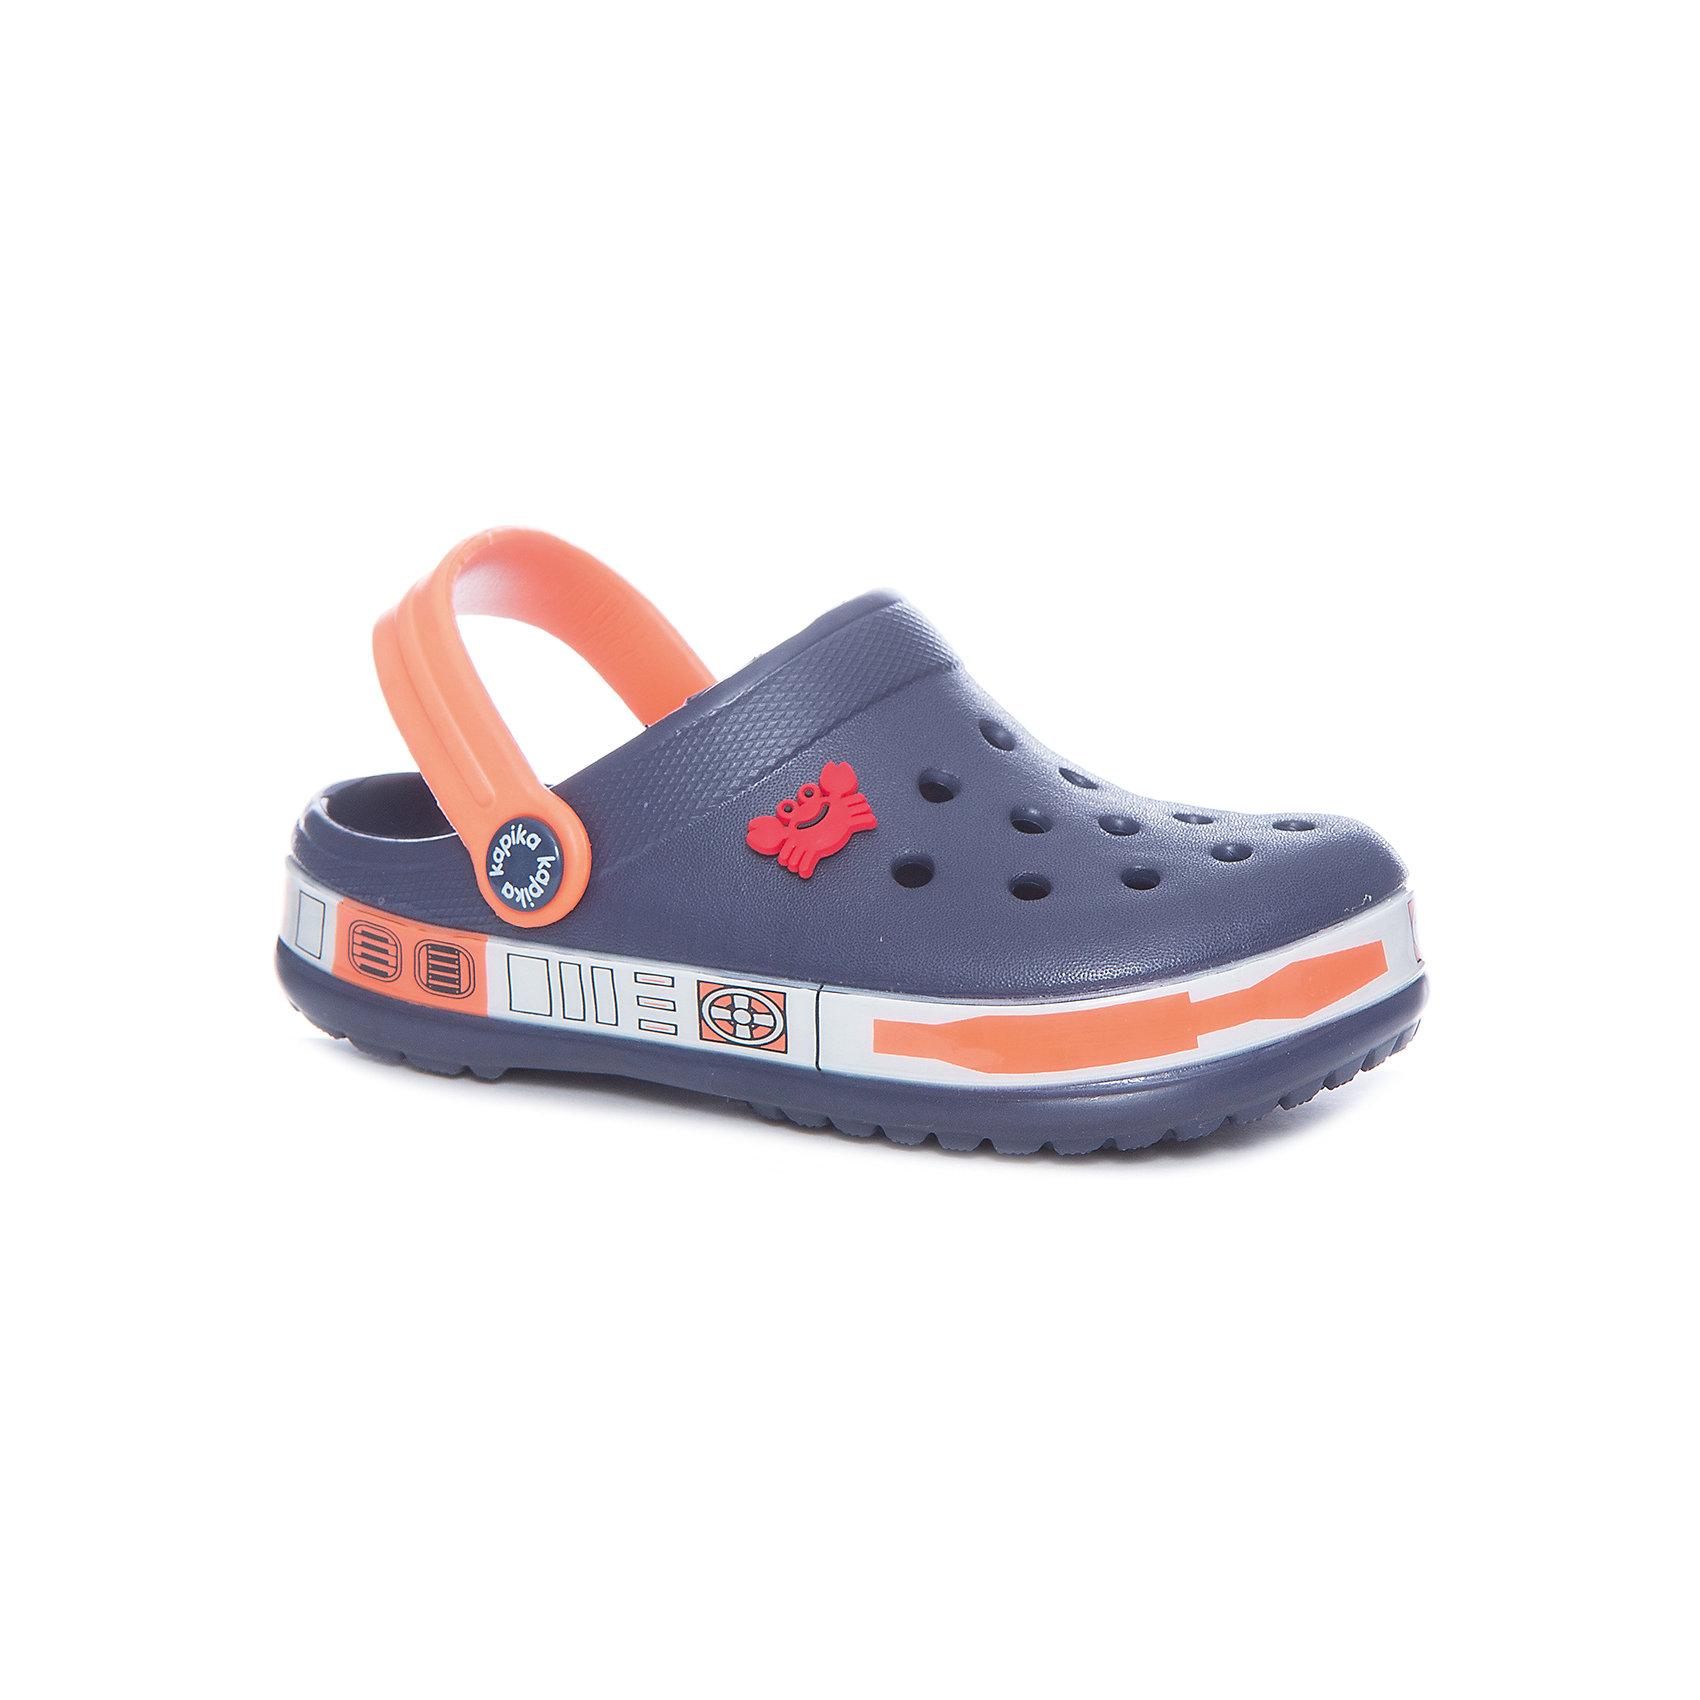 Сабо для мальчика KAPIKAПляжная обувь<br>Туфли для мальчика KAPIKA<br>Состав:<br>материал верха - ЭВА, подкладка - ЭВА, подошва - ЭВА<br><br>Ширина мм: 227<br>Глубина мм: 145<br>Высота мм: 124<br>Вес г: 325<br>Цвет: разноцветный<br>Возраст от месяцев: 24<br>Возраст до месяцев: 36<br>Пол: Мужской<br>Возраст: Детский<br>Размер: 26,30,25,27,28,29<br>SKU: 5324360